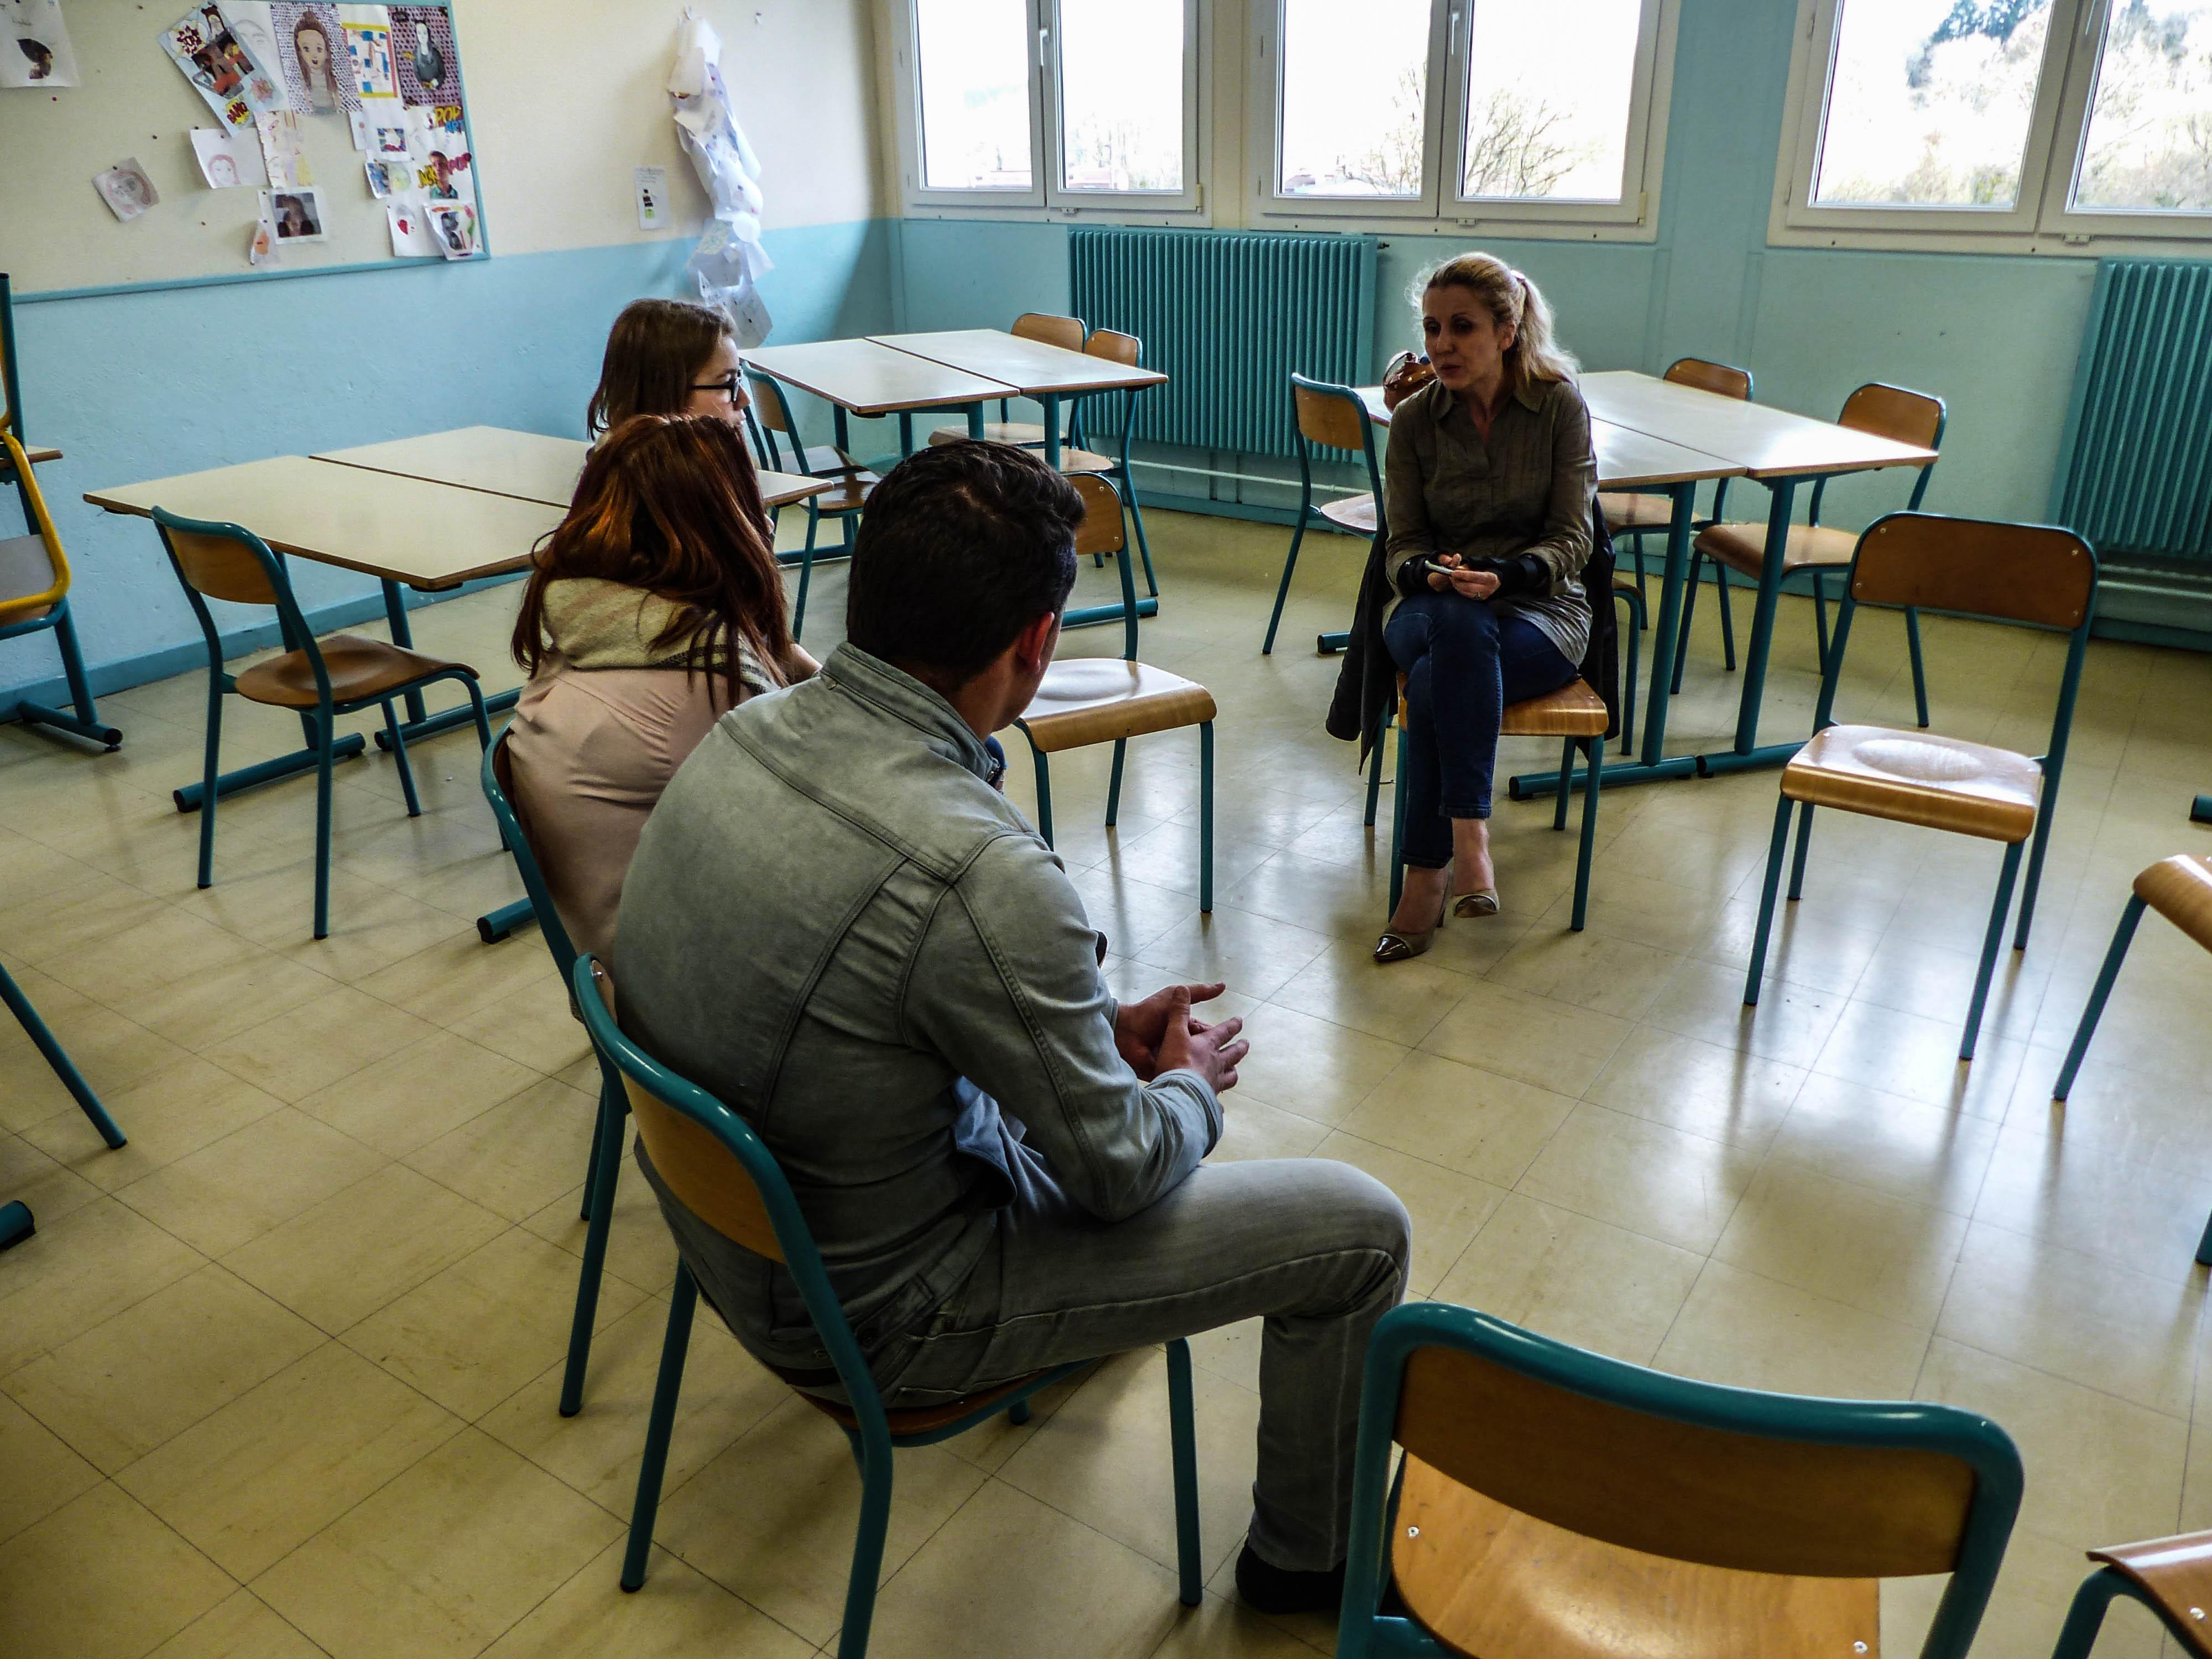 Agence De Rencontre Femme De L Est Rencontre Meeting